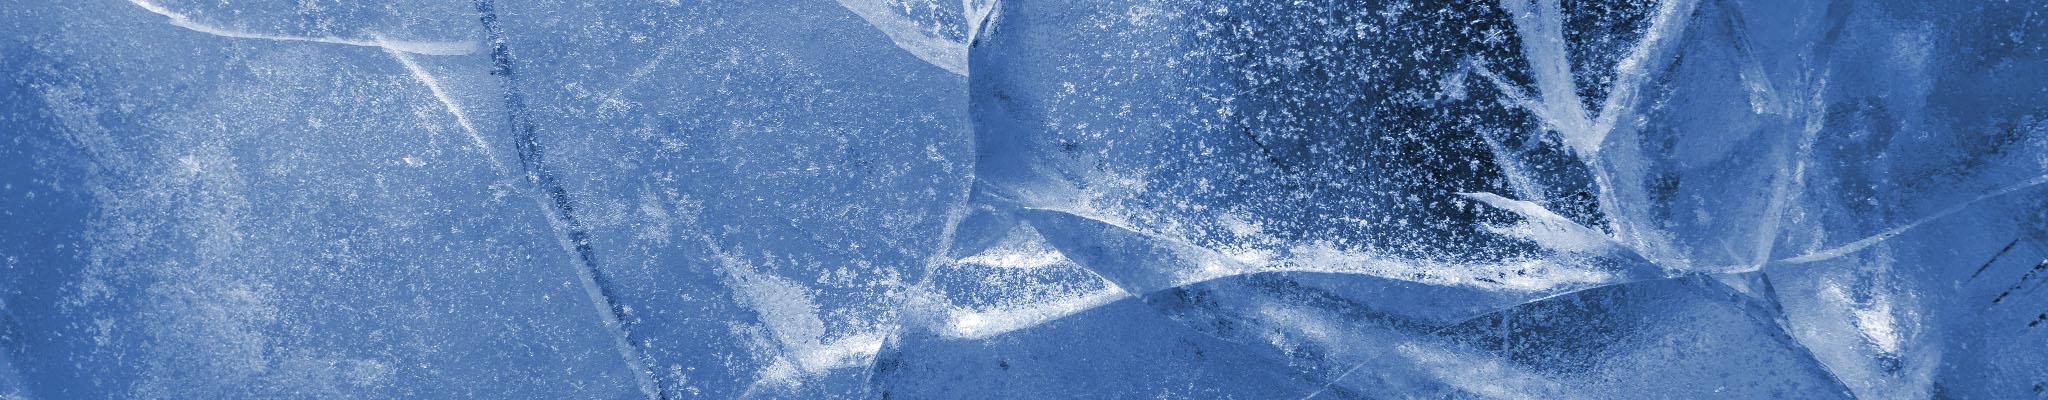 Iced Glacier